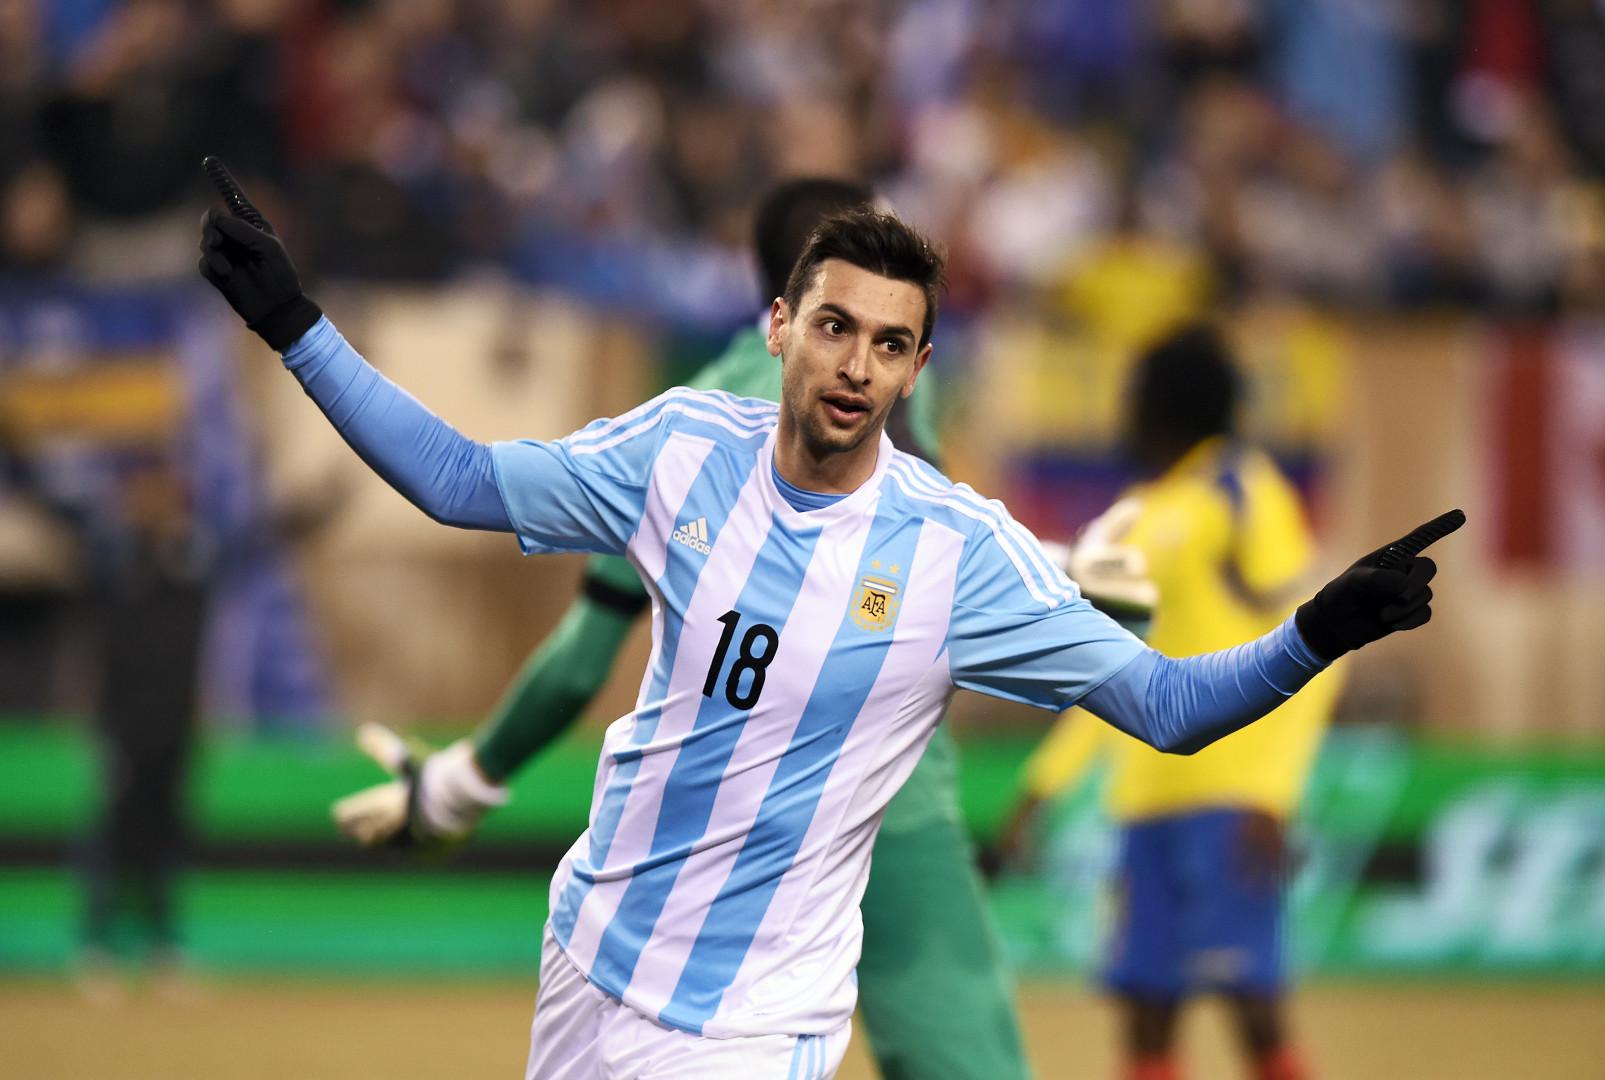 Javier Pastore aura-t-il des minutes dans le système argentin pour briller ?